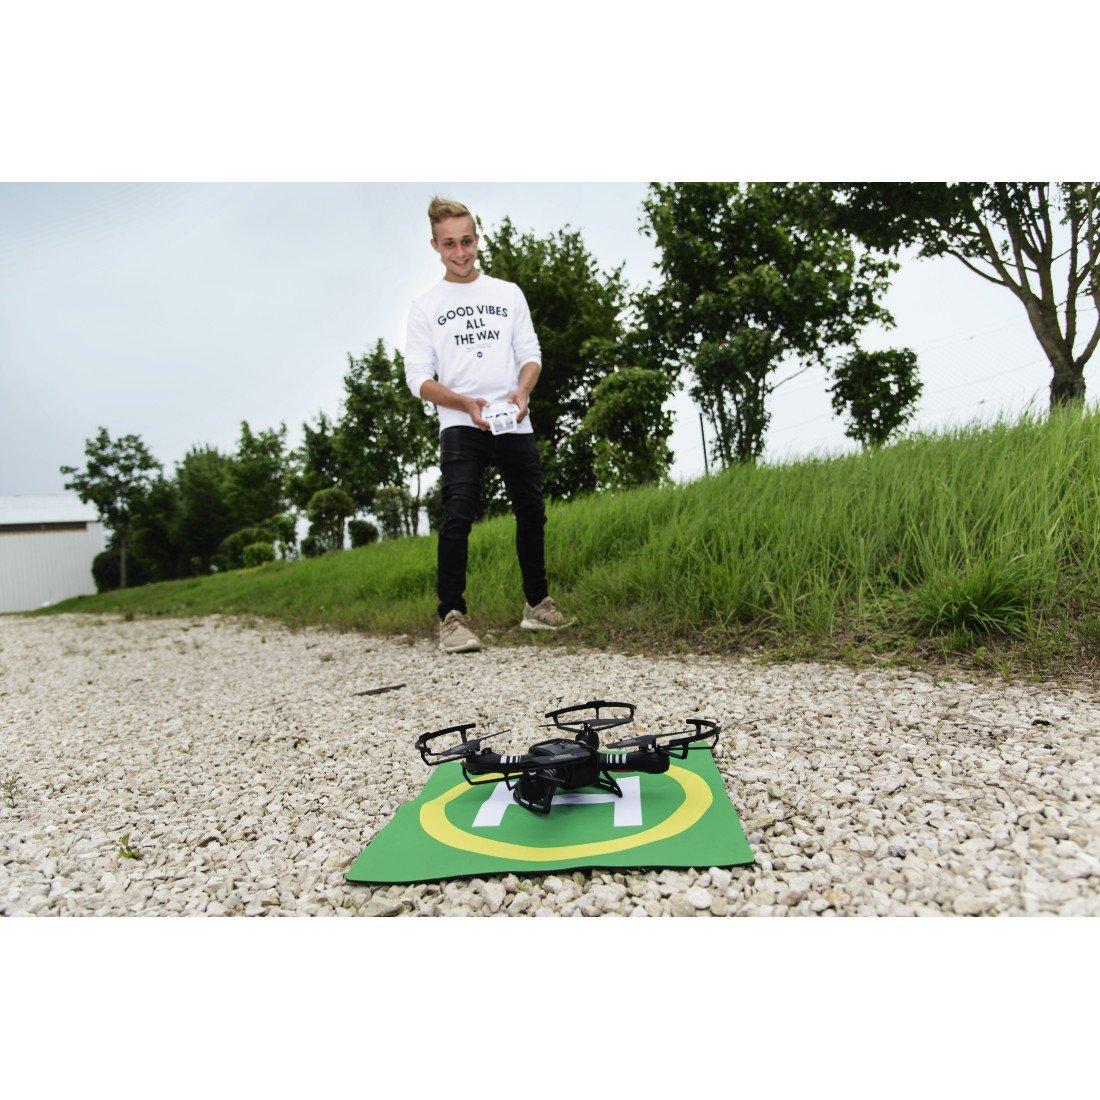 Hama Landeplatz f/ür Drohnen und Helikopter Landematte in 40x40x0, 3cm, rutschfest, einrollbar, mit Landefl/ächen-Symbol